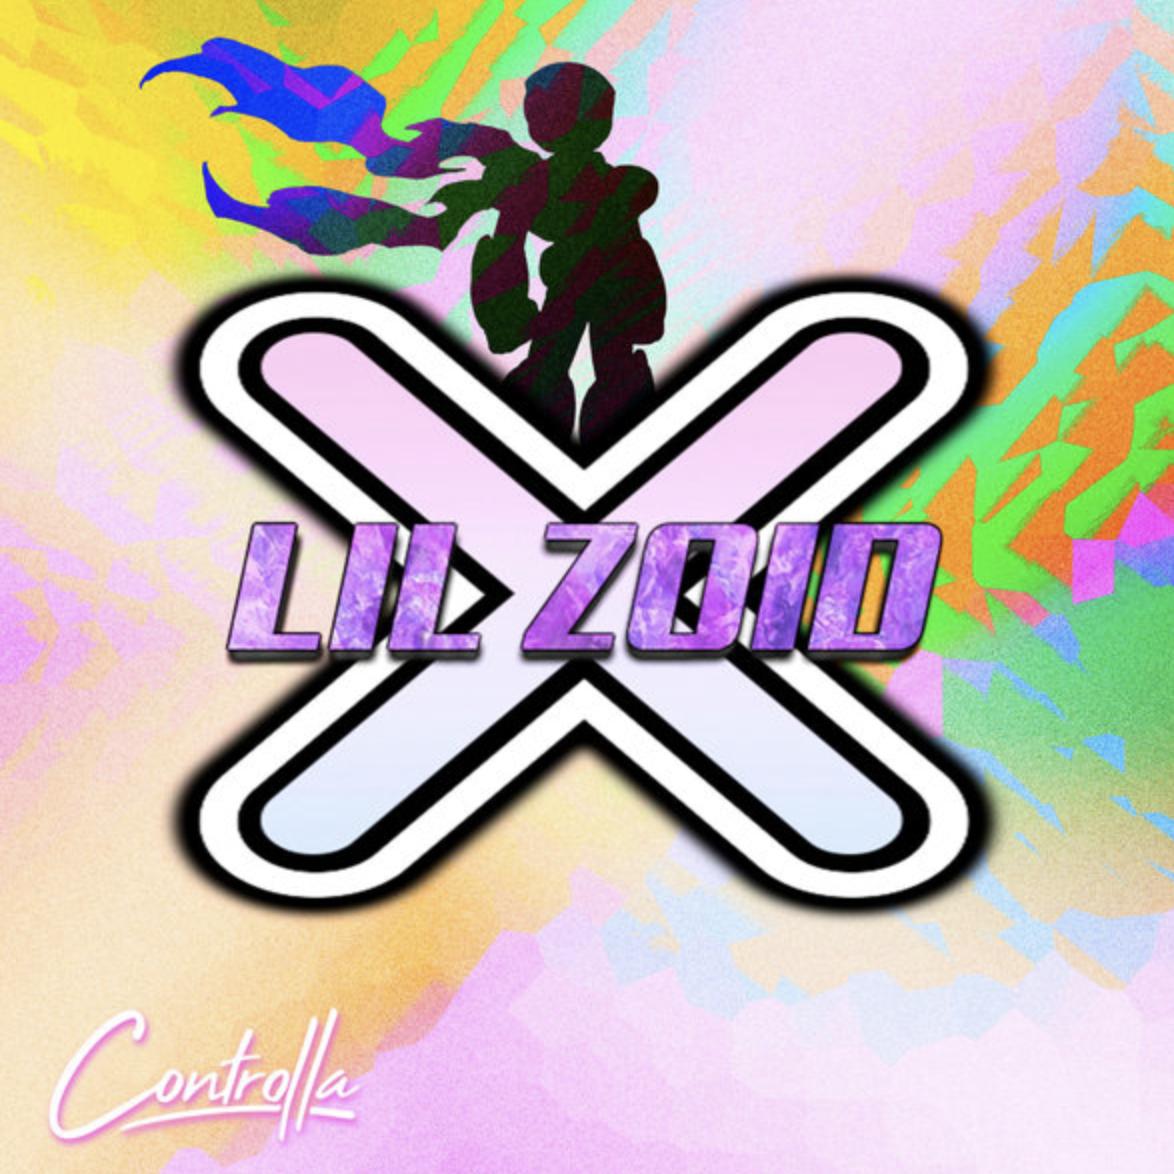 Lil Zoid - X [Controlla]